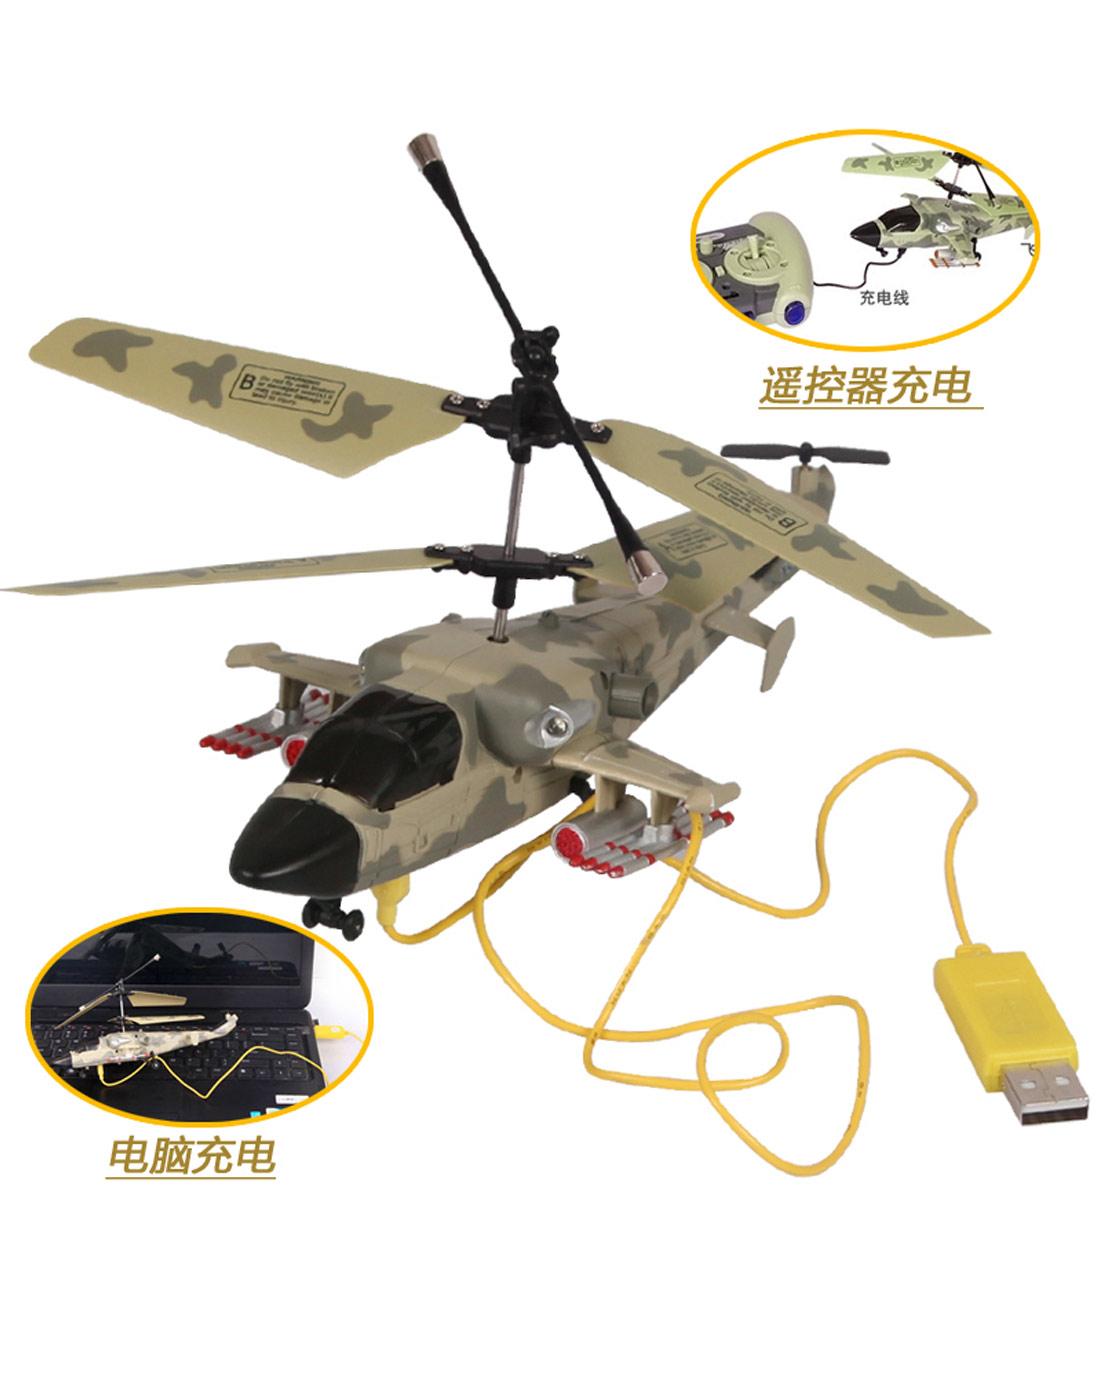 遥控三通道直升飞机带陀螺仪